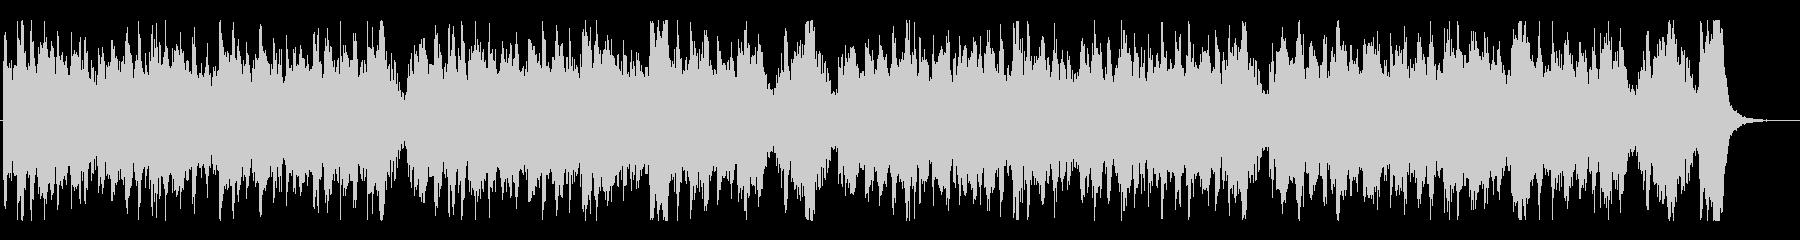 ディズニー風・吹奏楽マーチ曲の未再生の波形